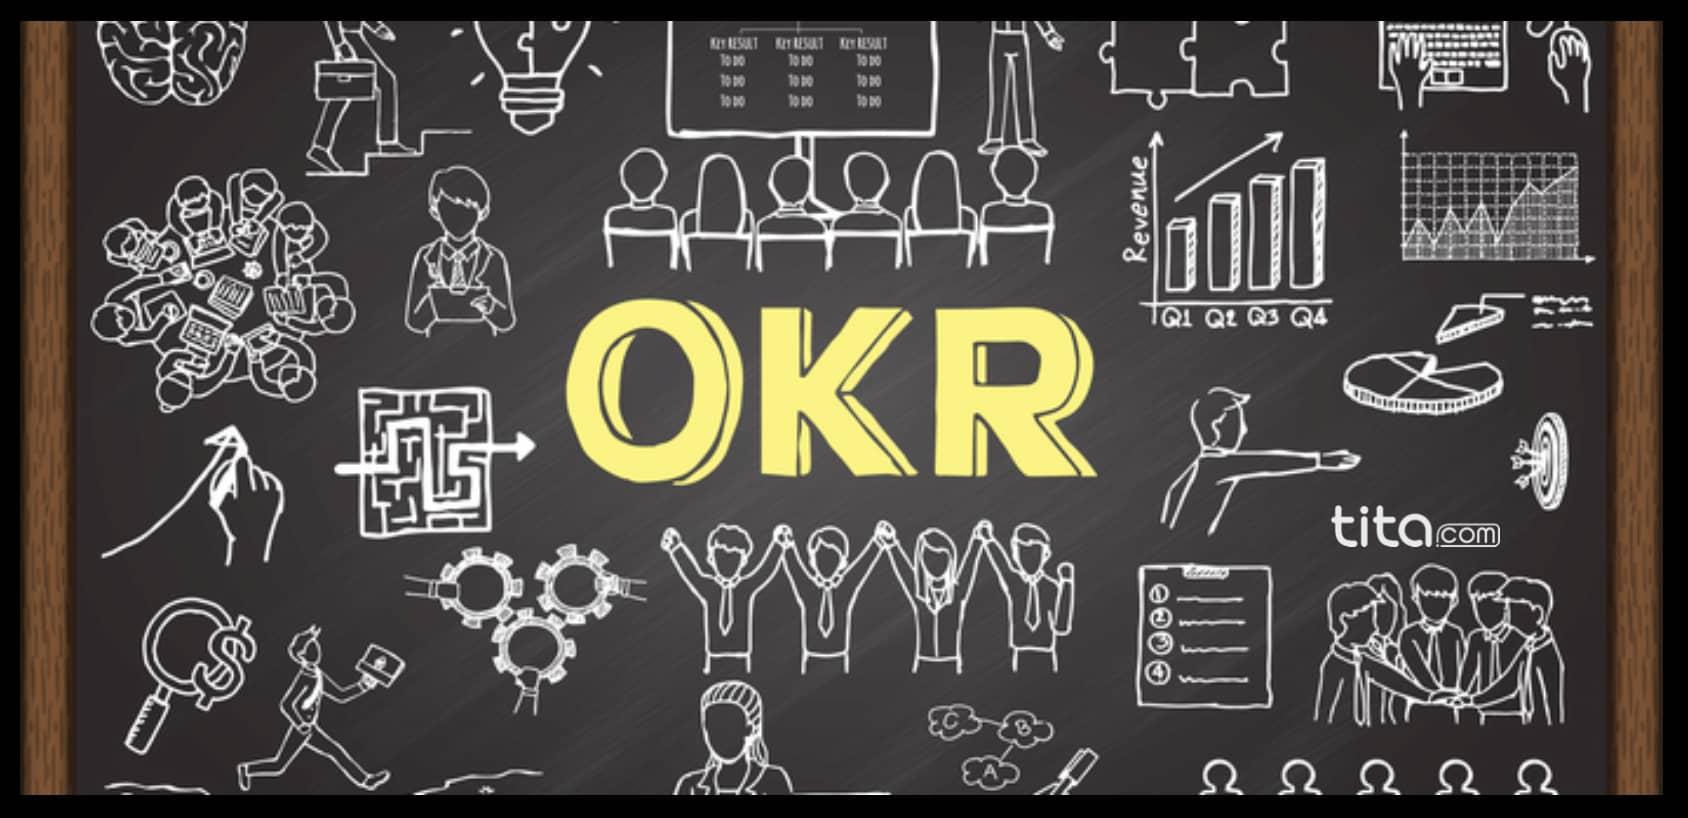 客户成功经理的 OKR 案例库